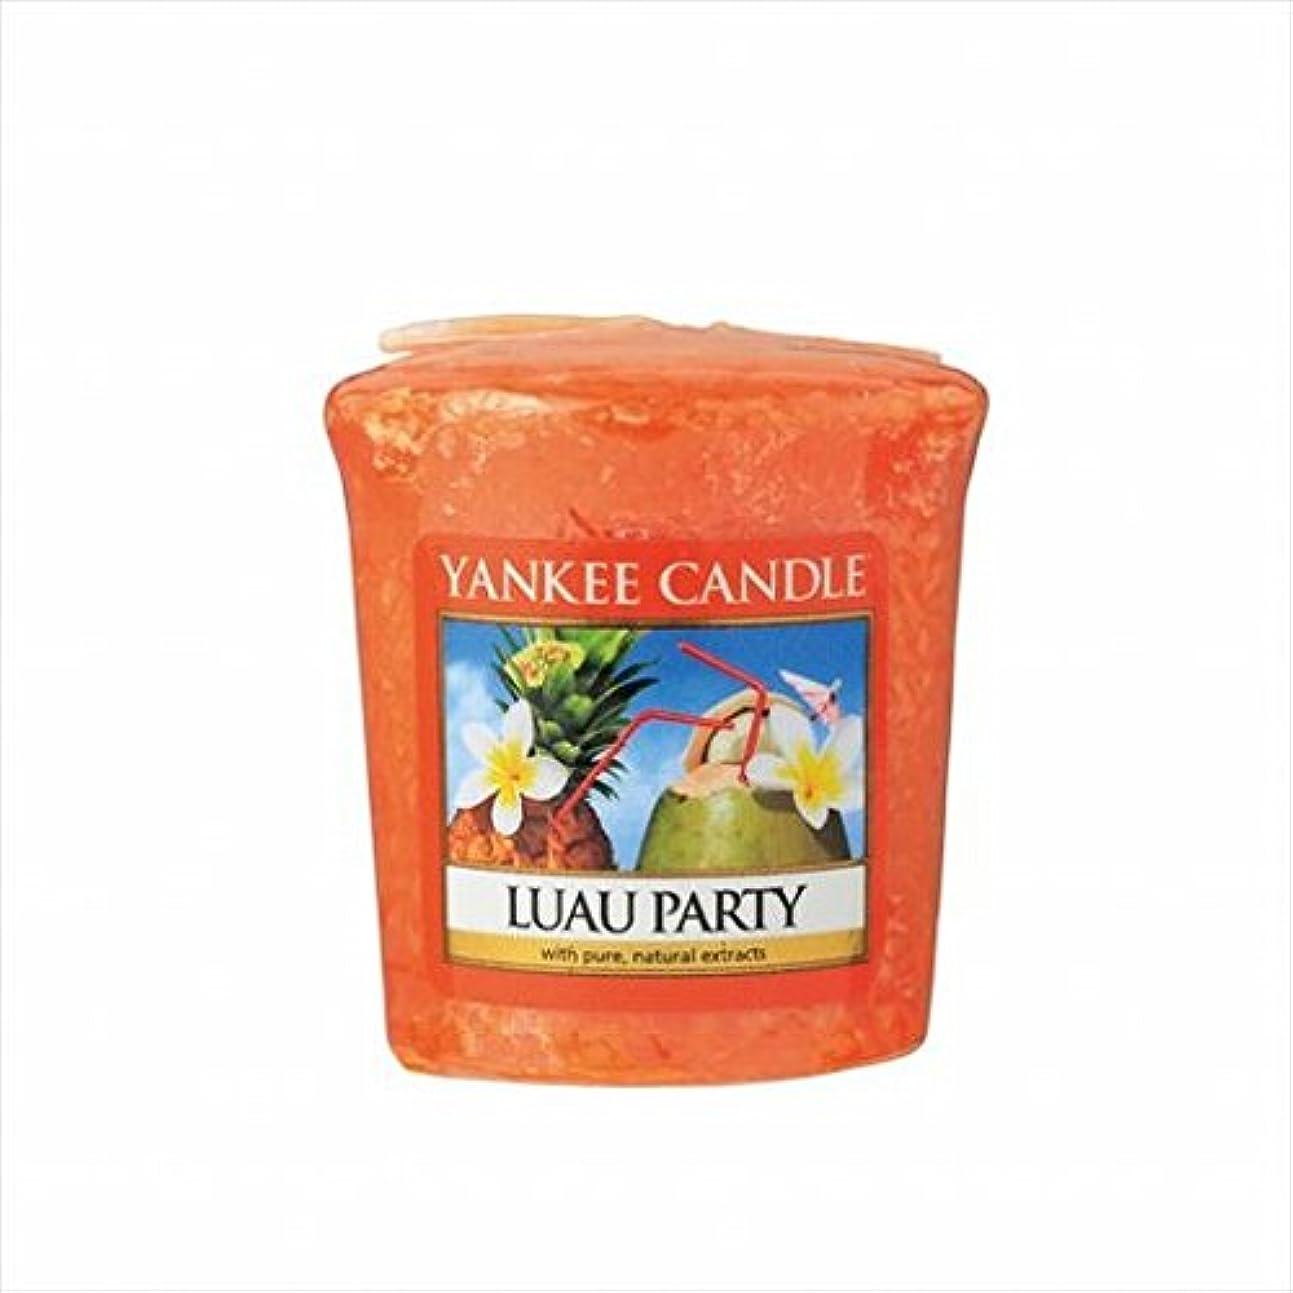 息切れバックアップ第二にカメヤマキャンドル(kameyama candle) YANKEE CANDLE サンプラー 「 ルーアウパーティ 」